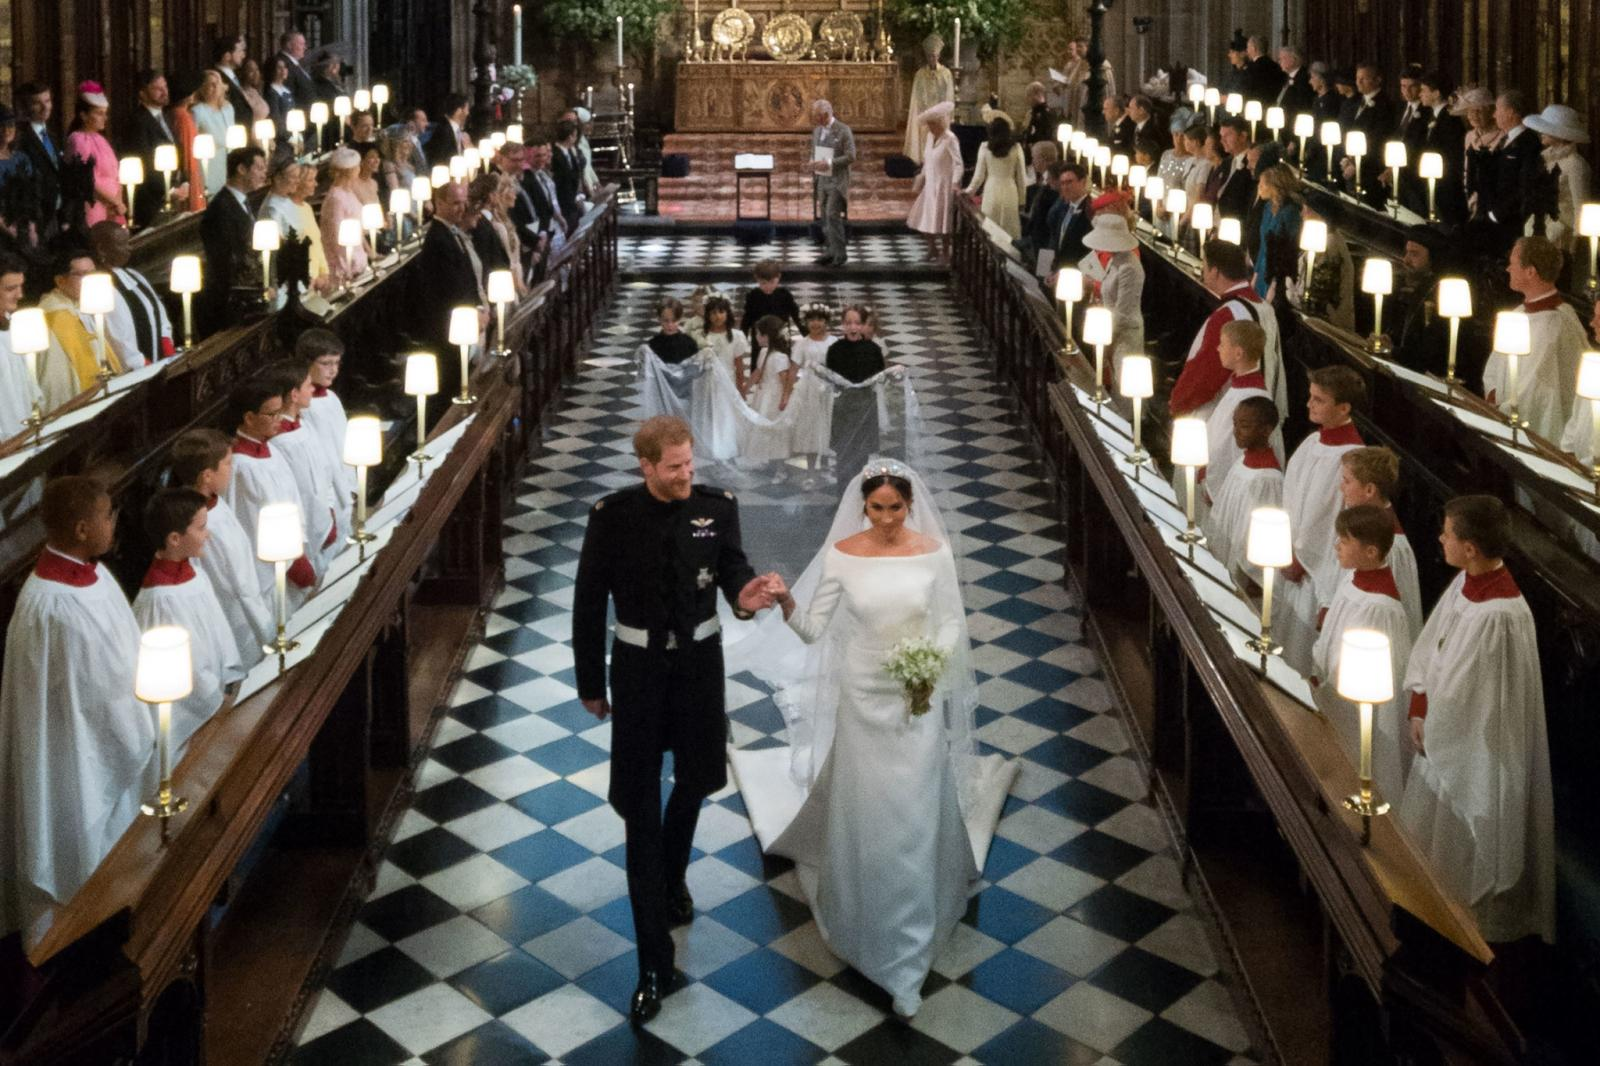 """36 ภาพ พิธีเสกสมรส """"เจ้าชายแฮร์รี่""""กับ""""เมแกน มาร์เคิล"""""""